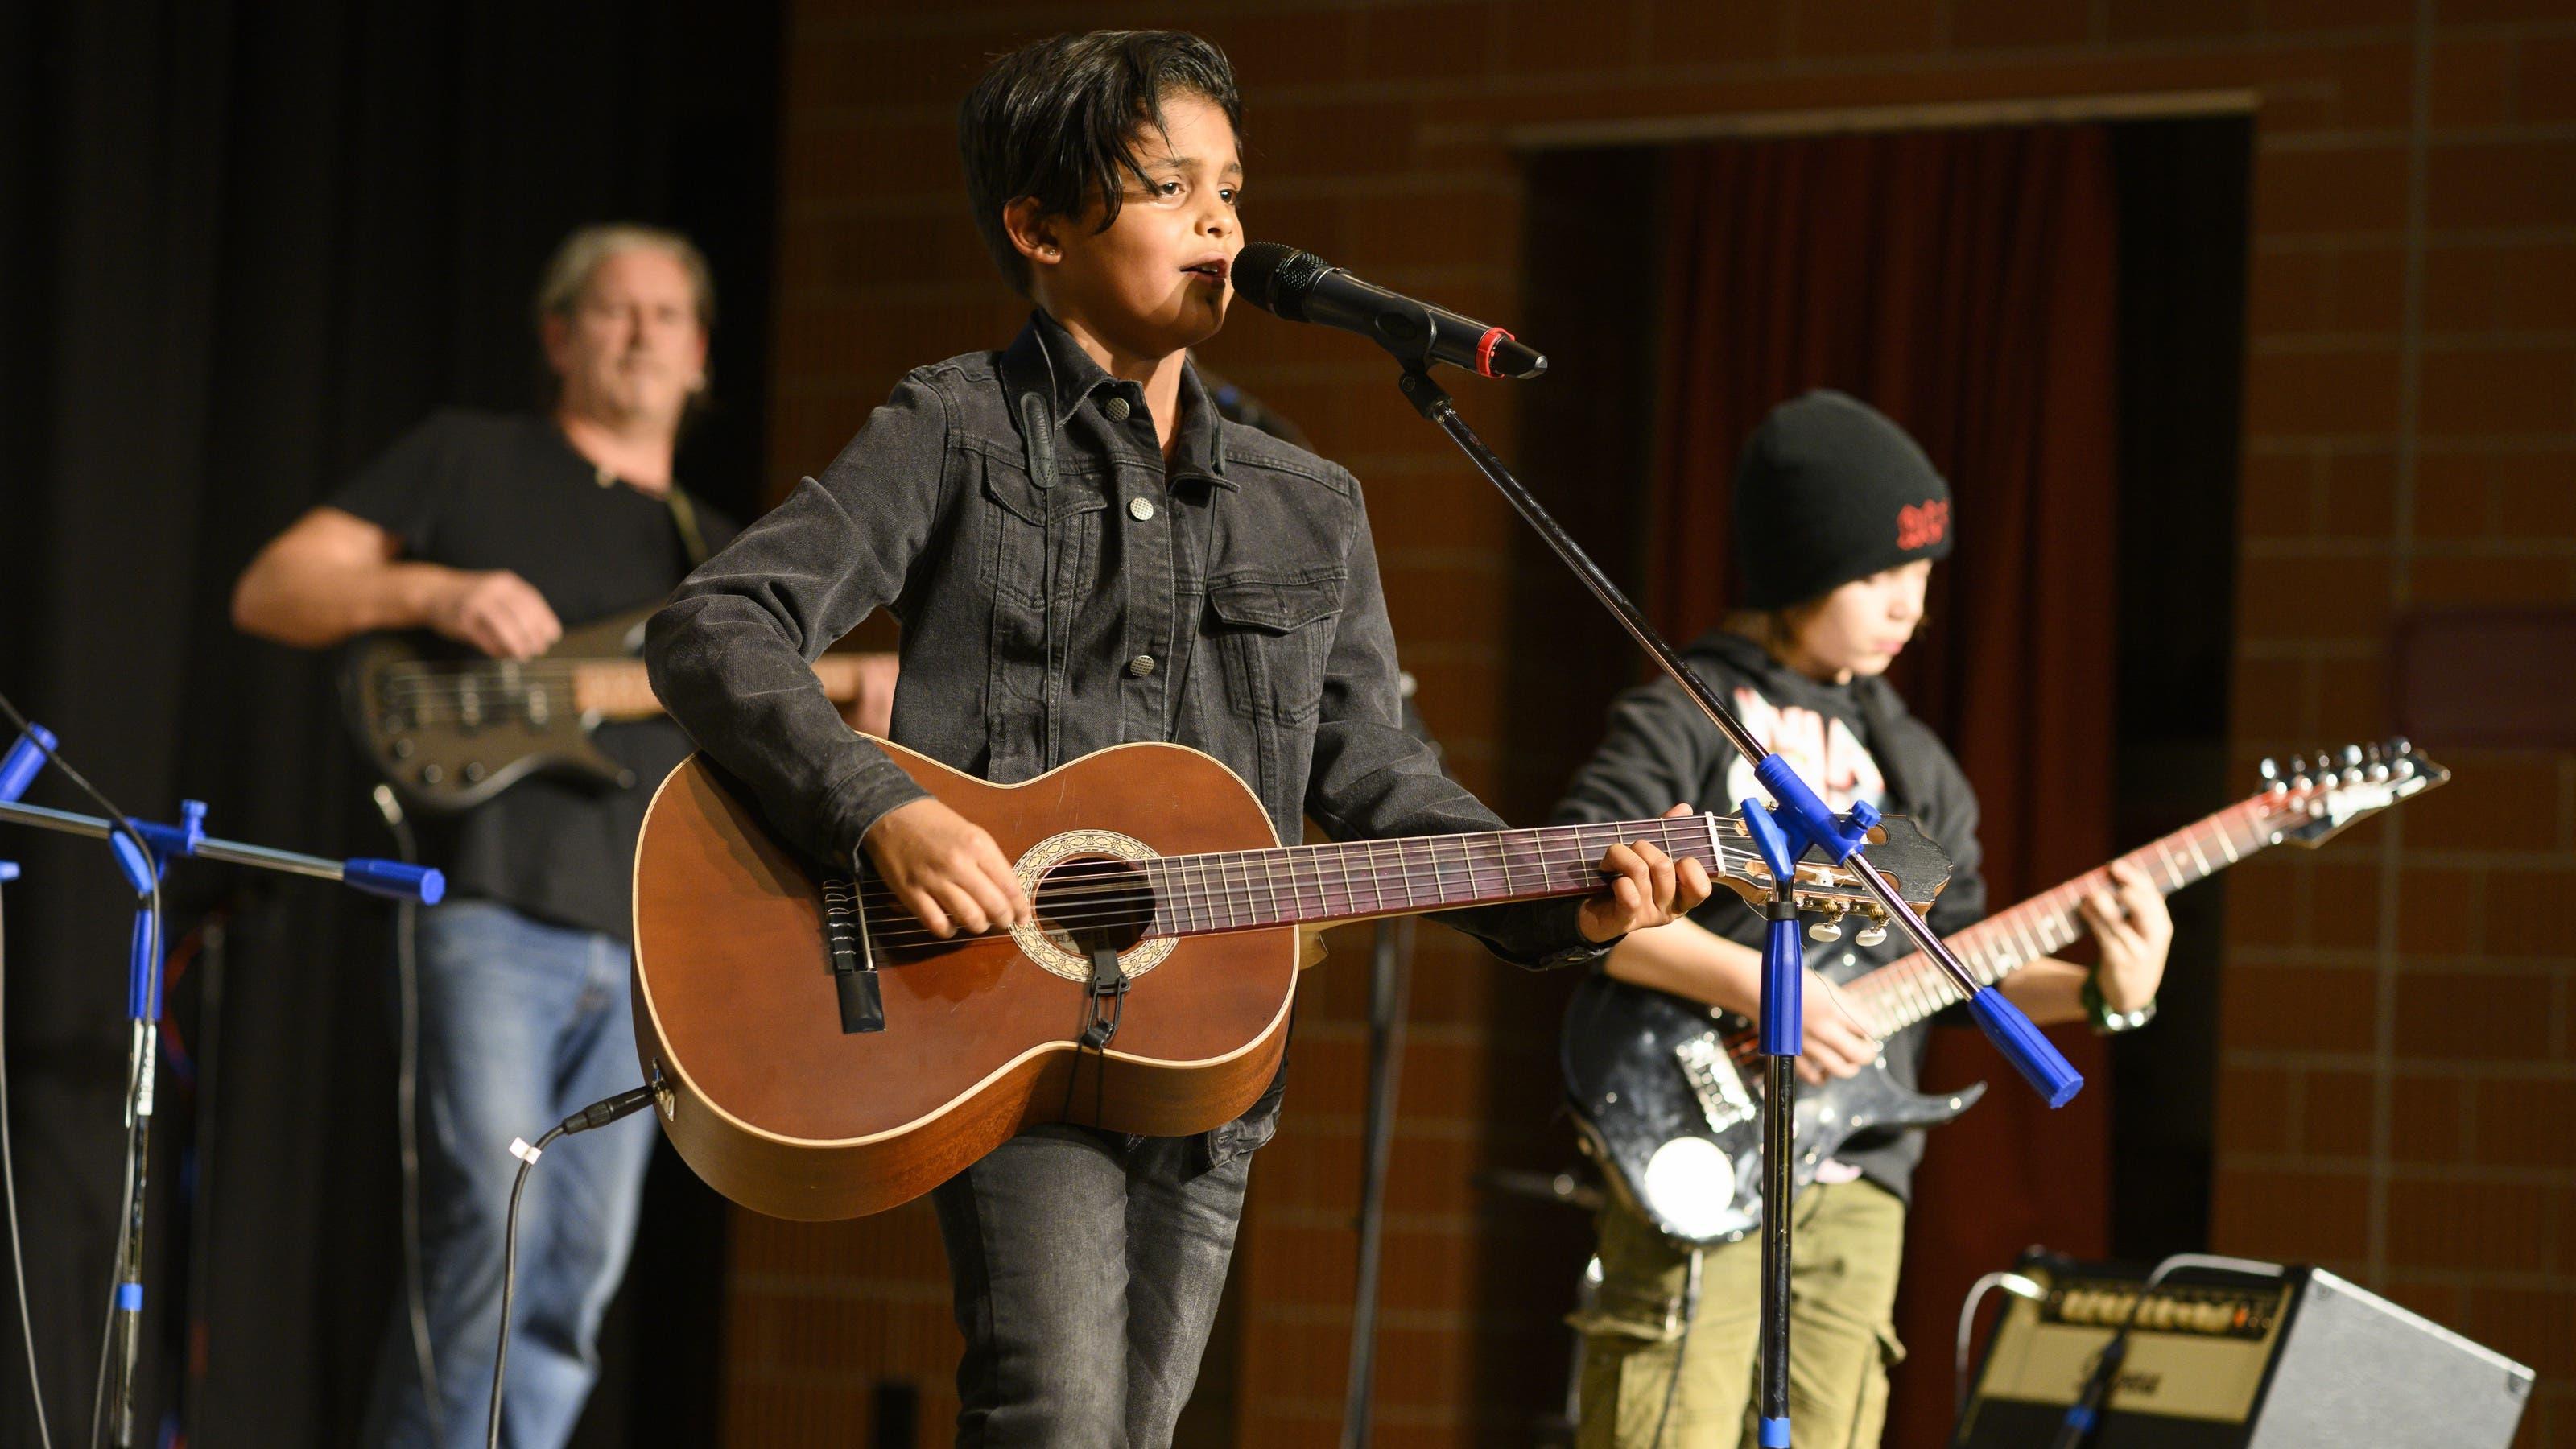 Die Schülerband 4B4 (von links: Musiklehrer Daniel Notter, Sänger Anand und Bassist Nicolas) rockte den Gemeindesaal.